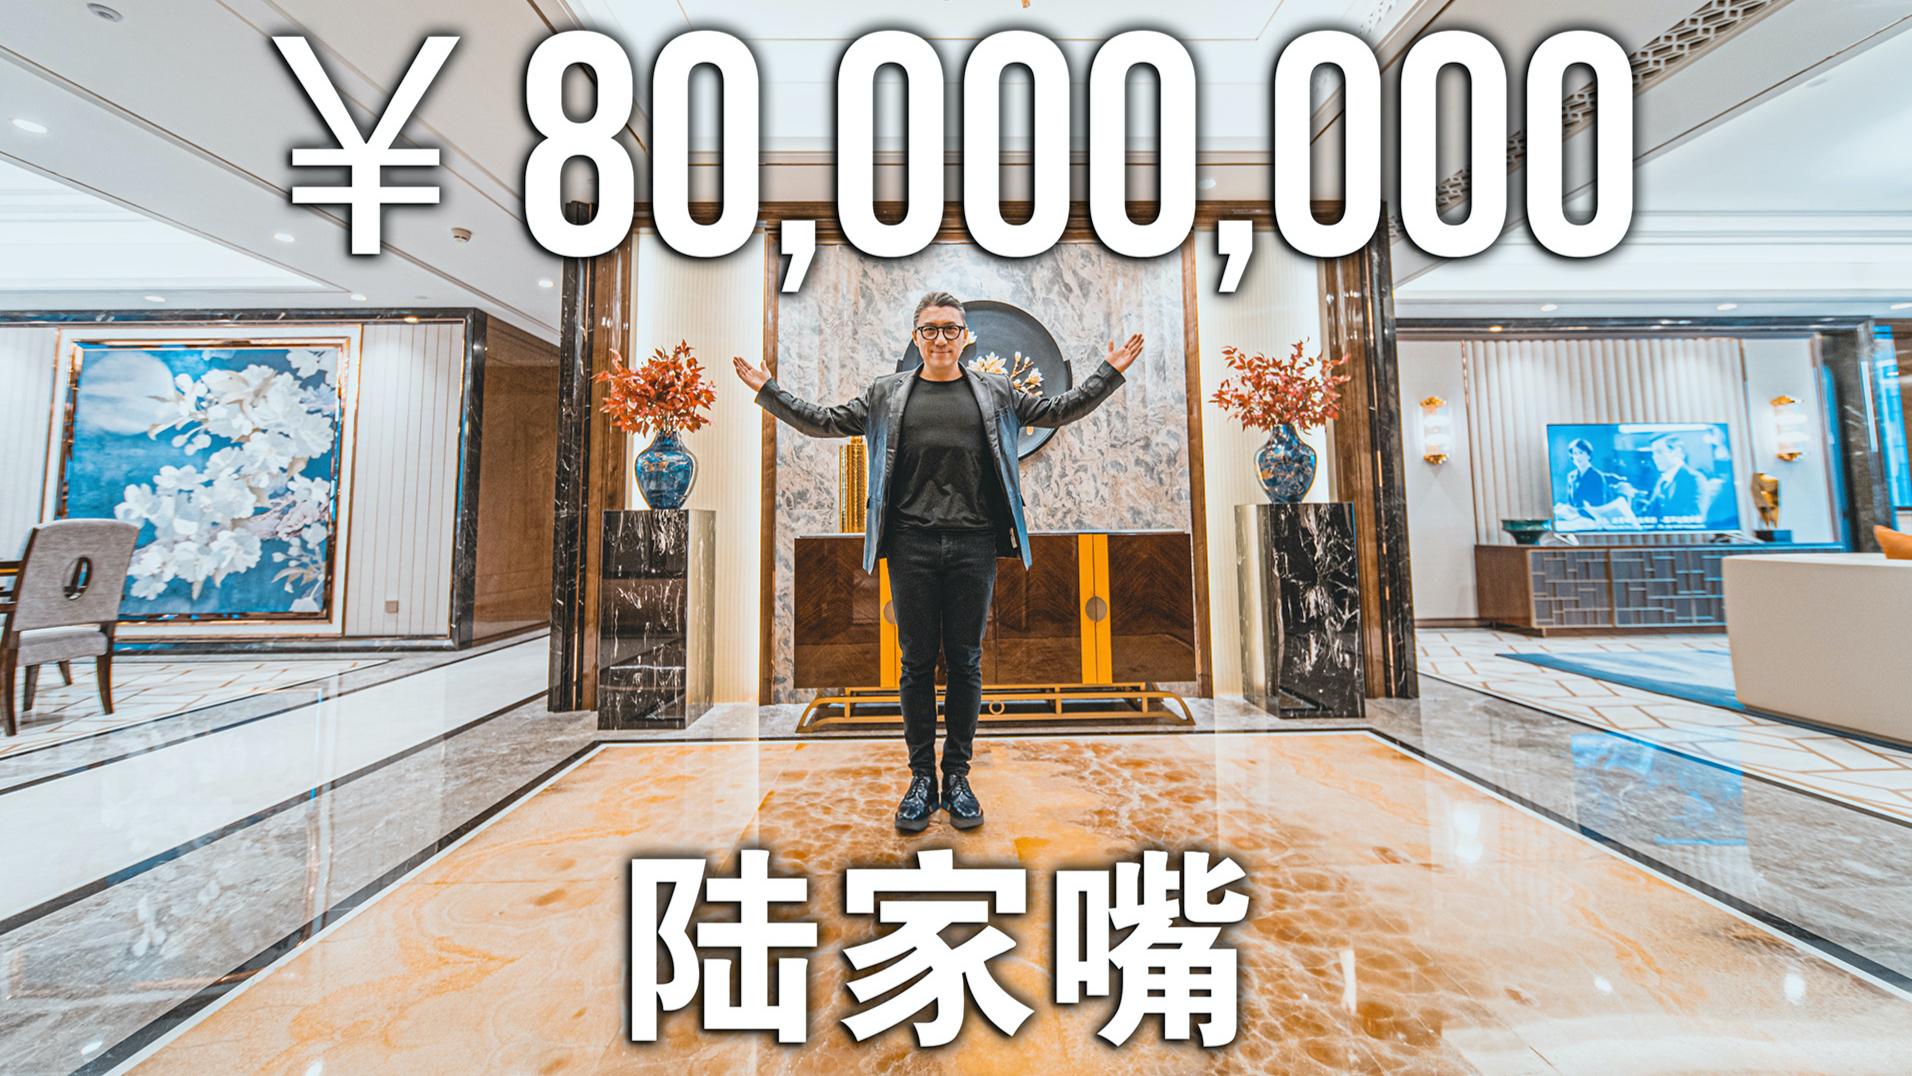 【艾叔】陆家嘴8000万,中国企业家的豪宅长什么样